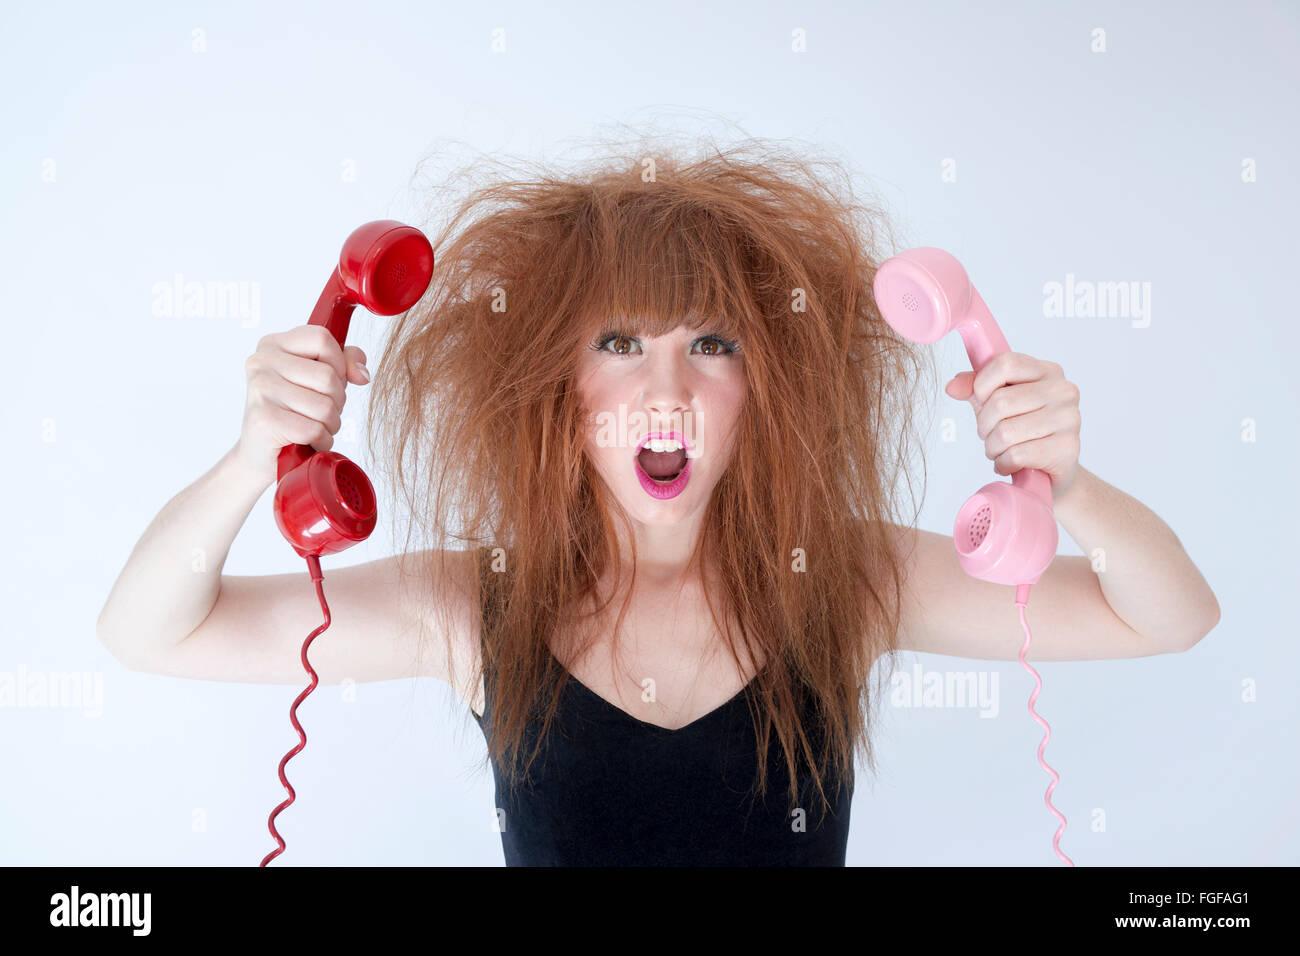 Mujer con cabello desordenado la celebración de dos teléfonos retro gritando Imagen De Stock